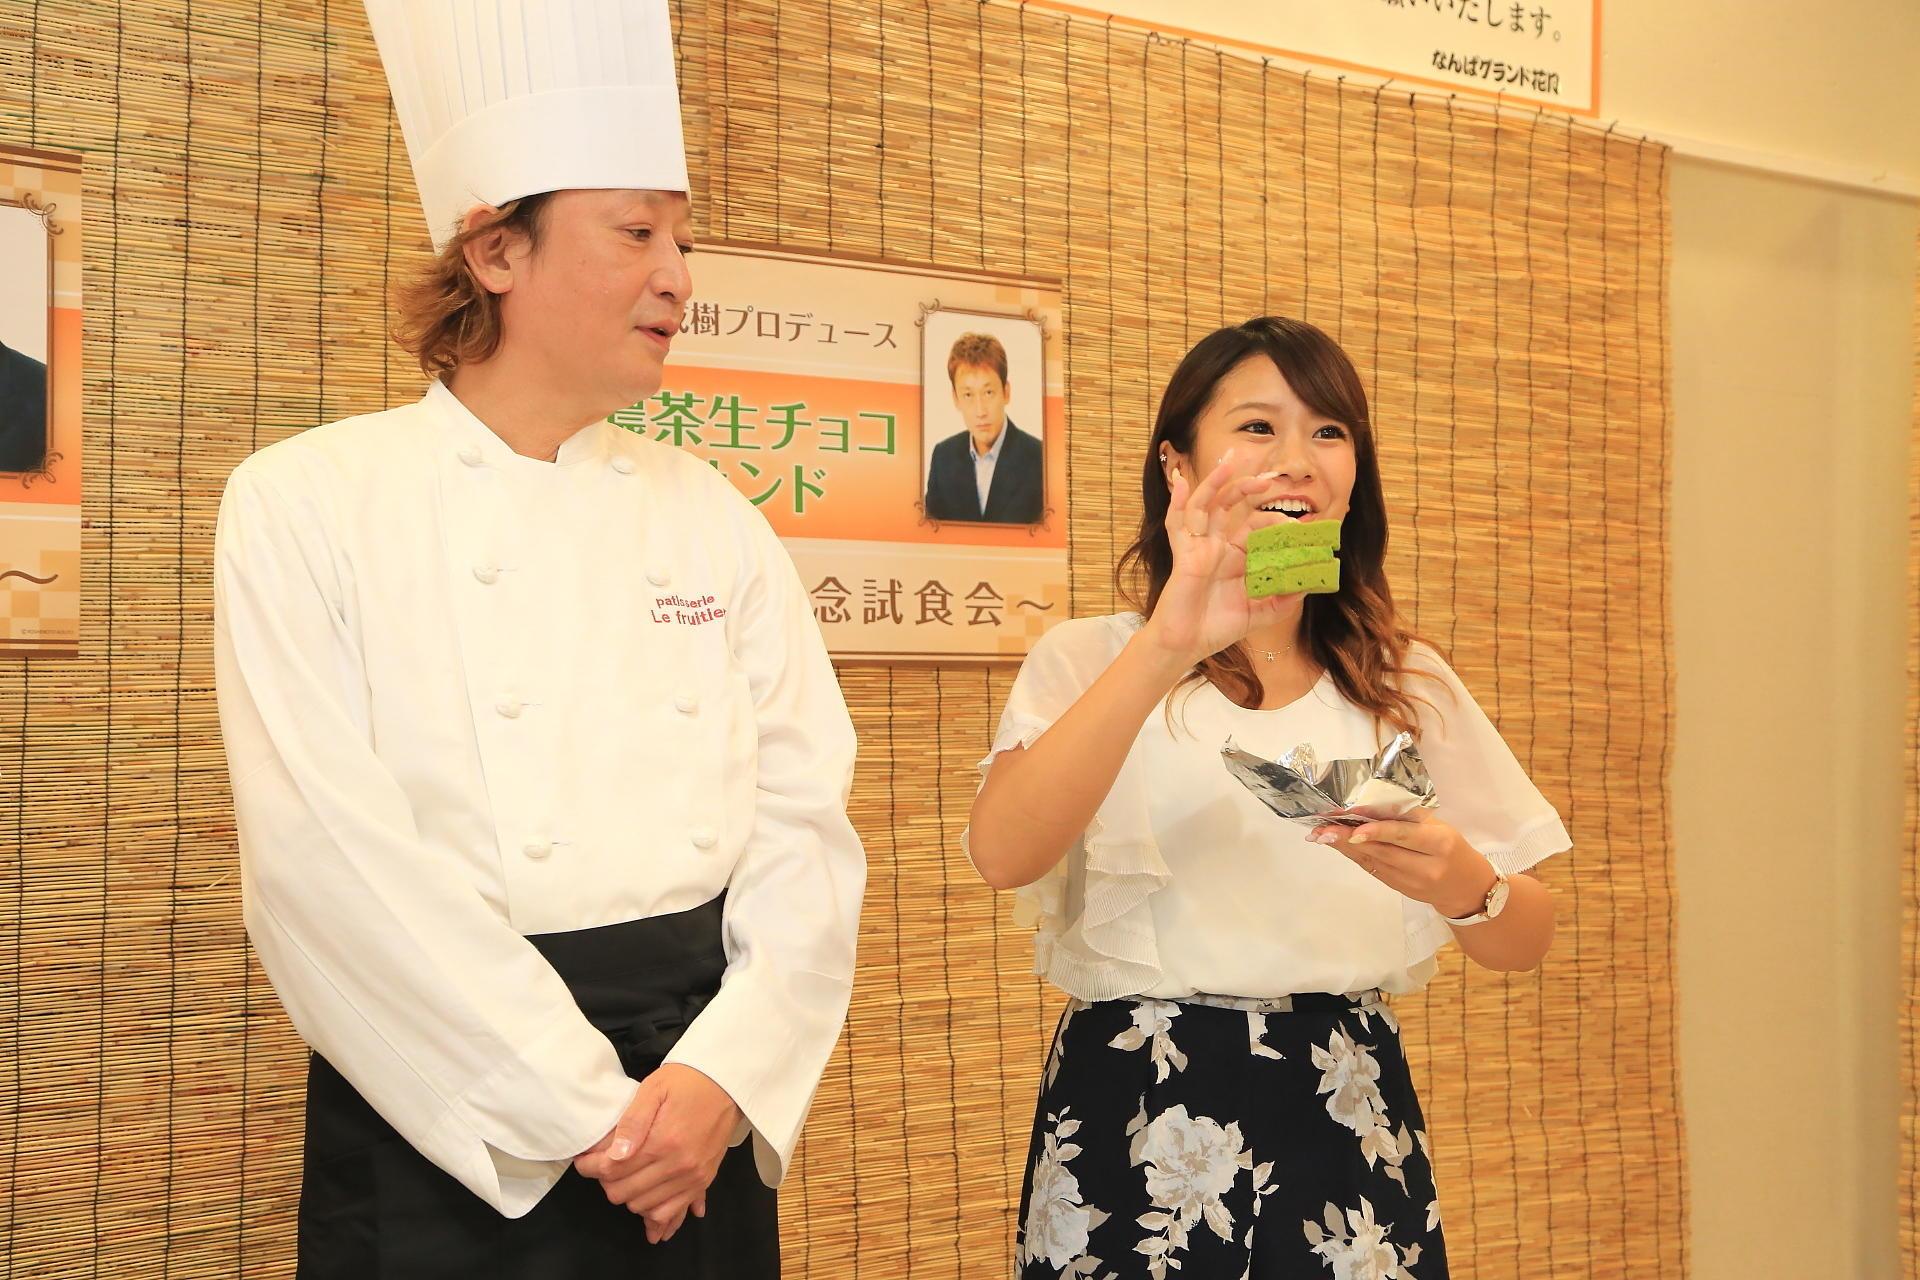 http://news.yoshimoto.co.jp/20170815162929-e522fc84d7d6ff0cc30490e420f4b7bf81dc0ff4.jpg